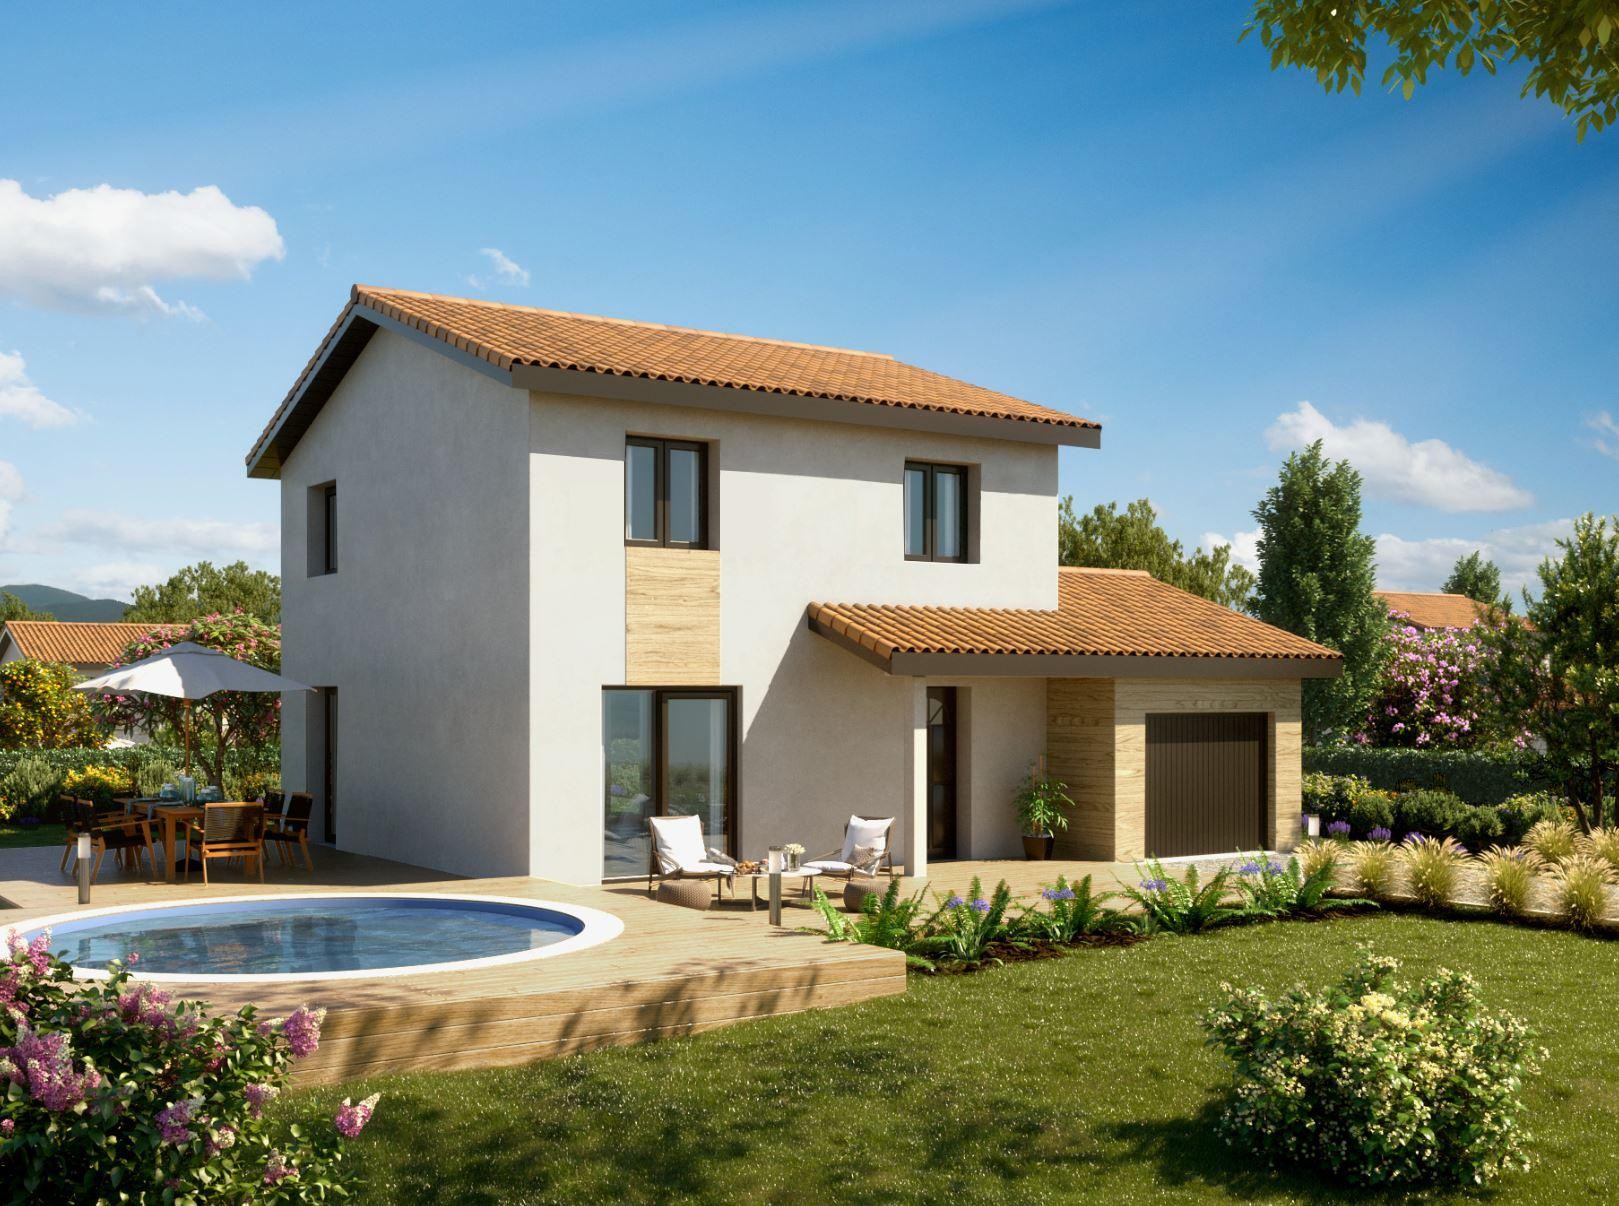 Maisons + Terrains du constructeur MAISONS PUNCH • 94 m² • CRANS